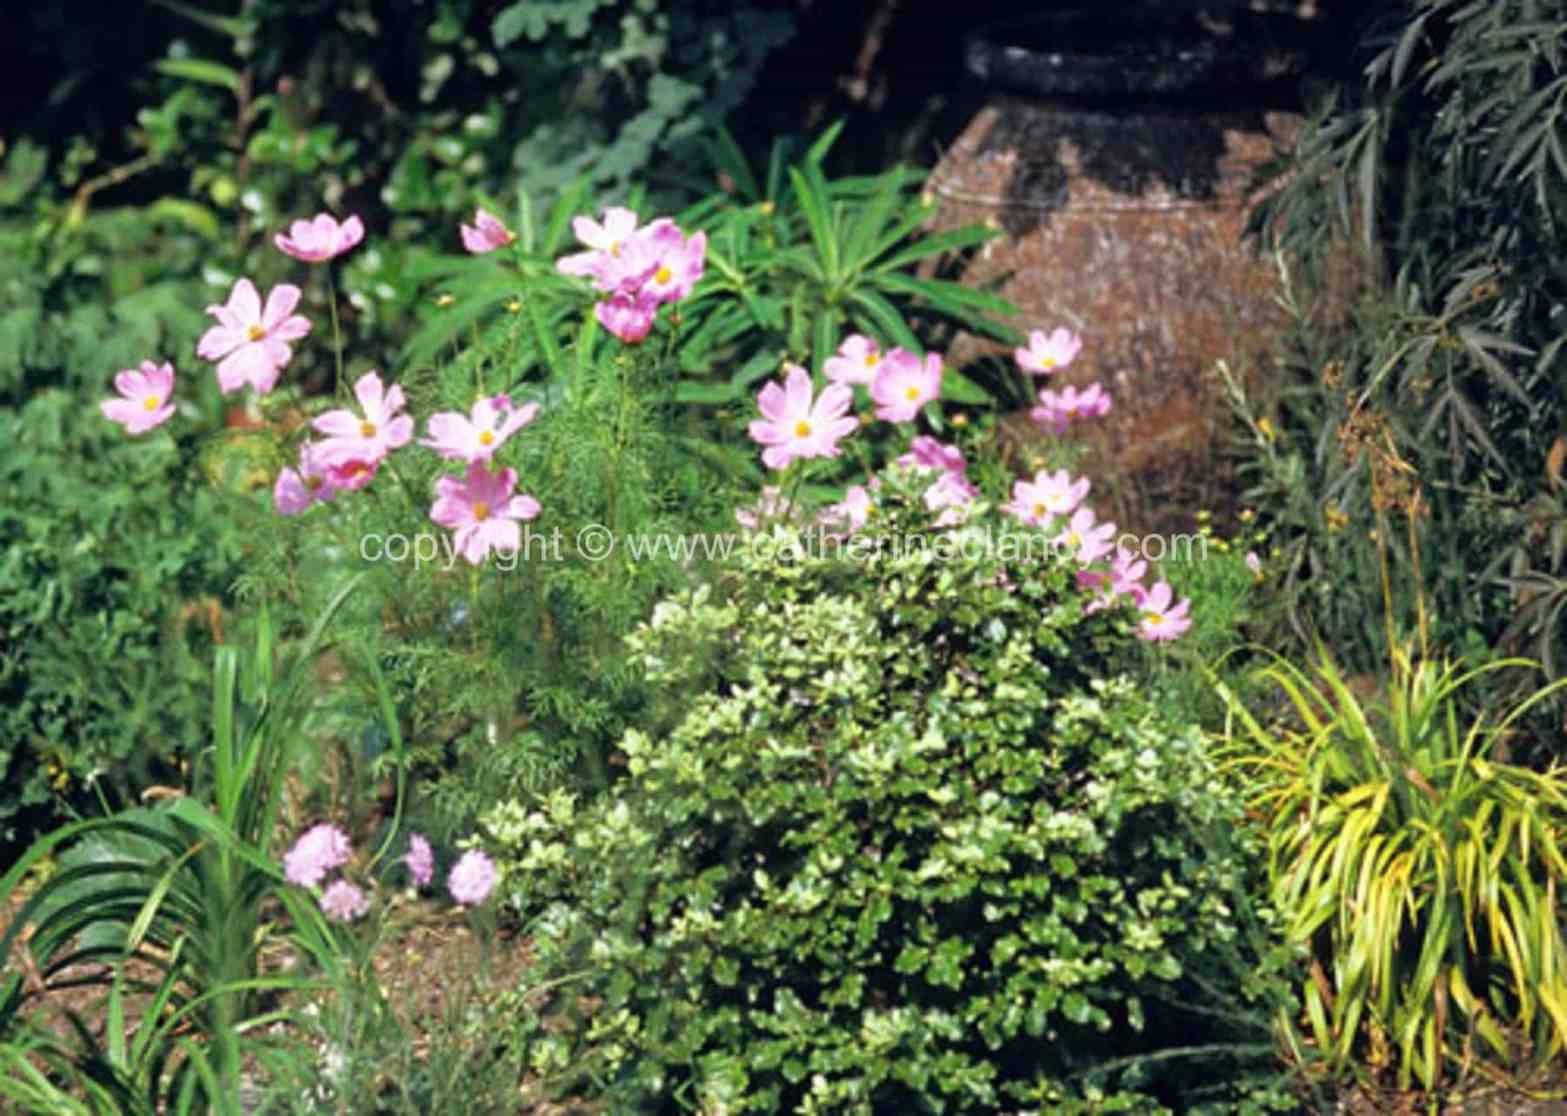 blackheath-walled-garden-5